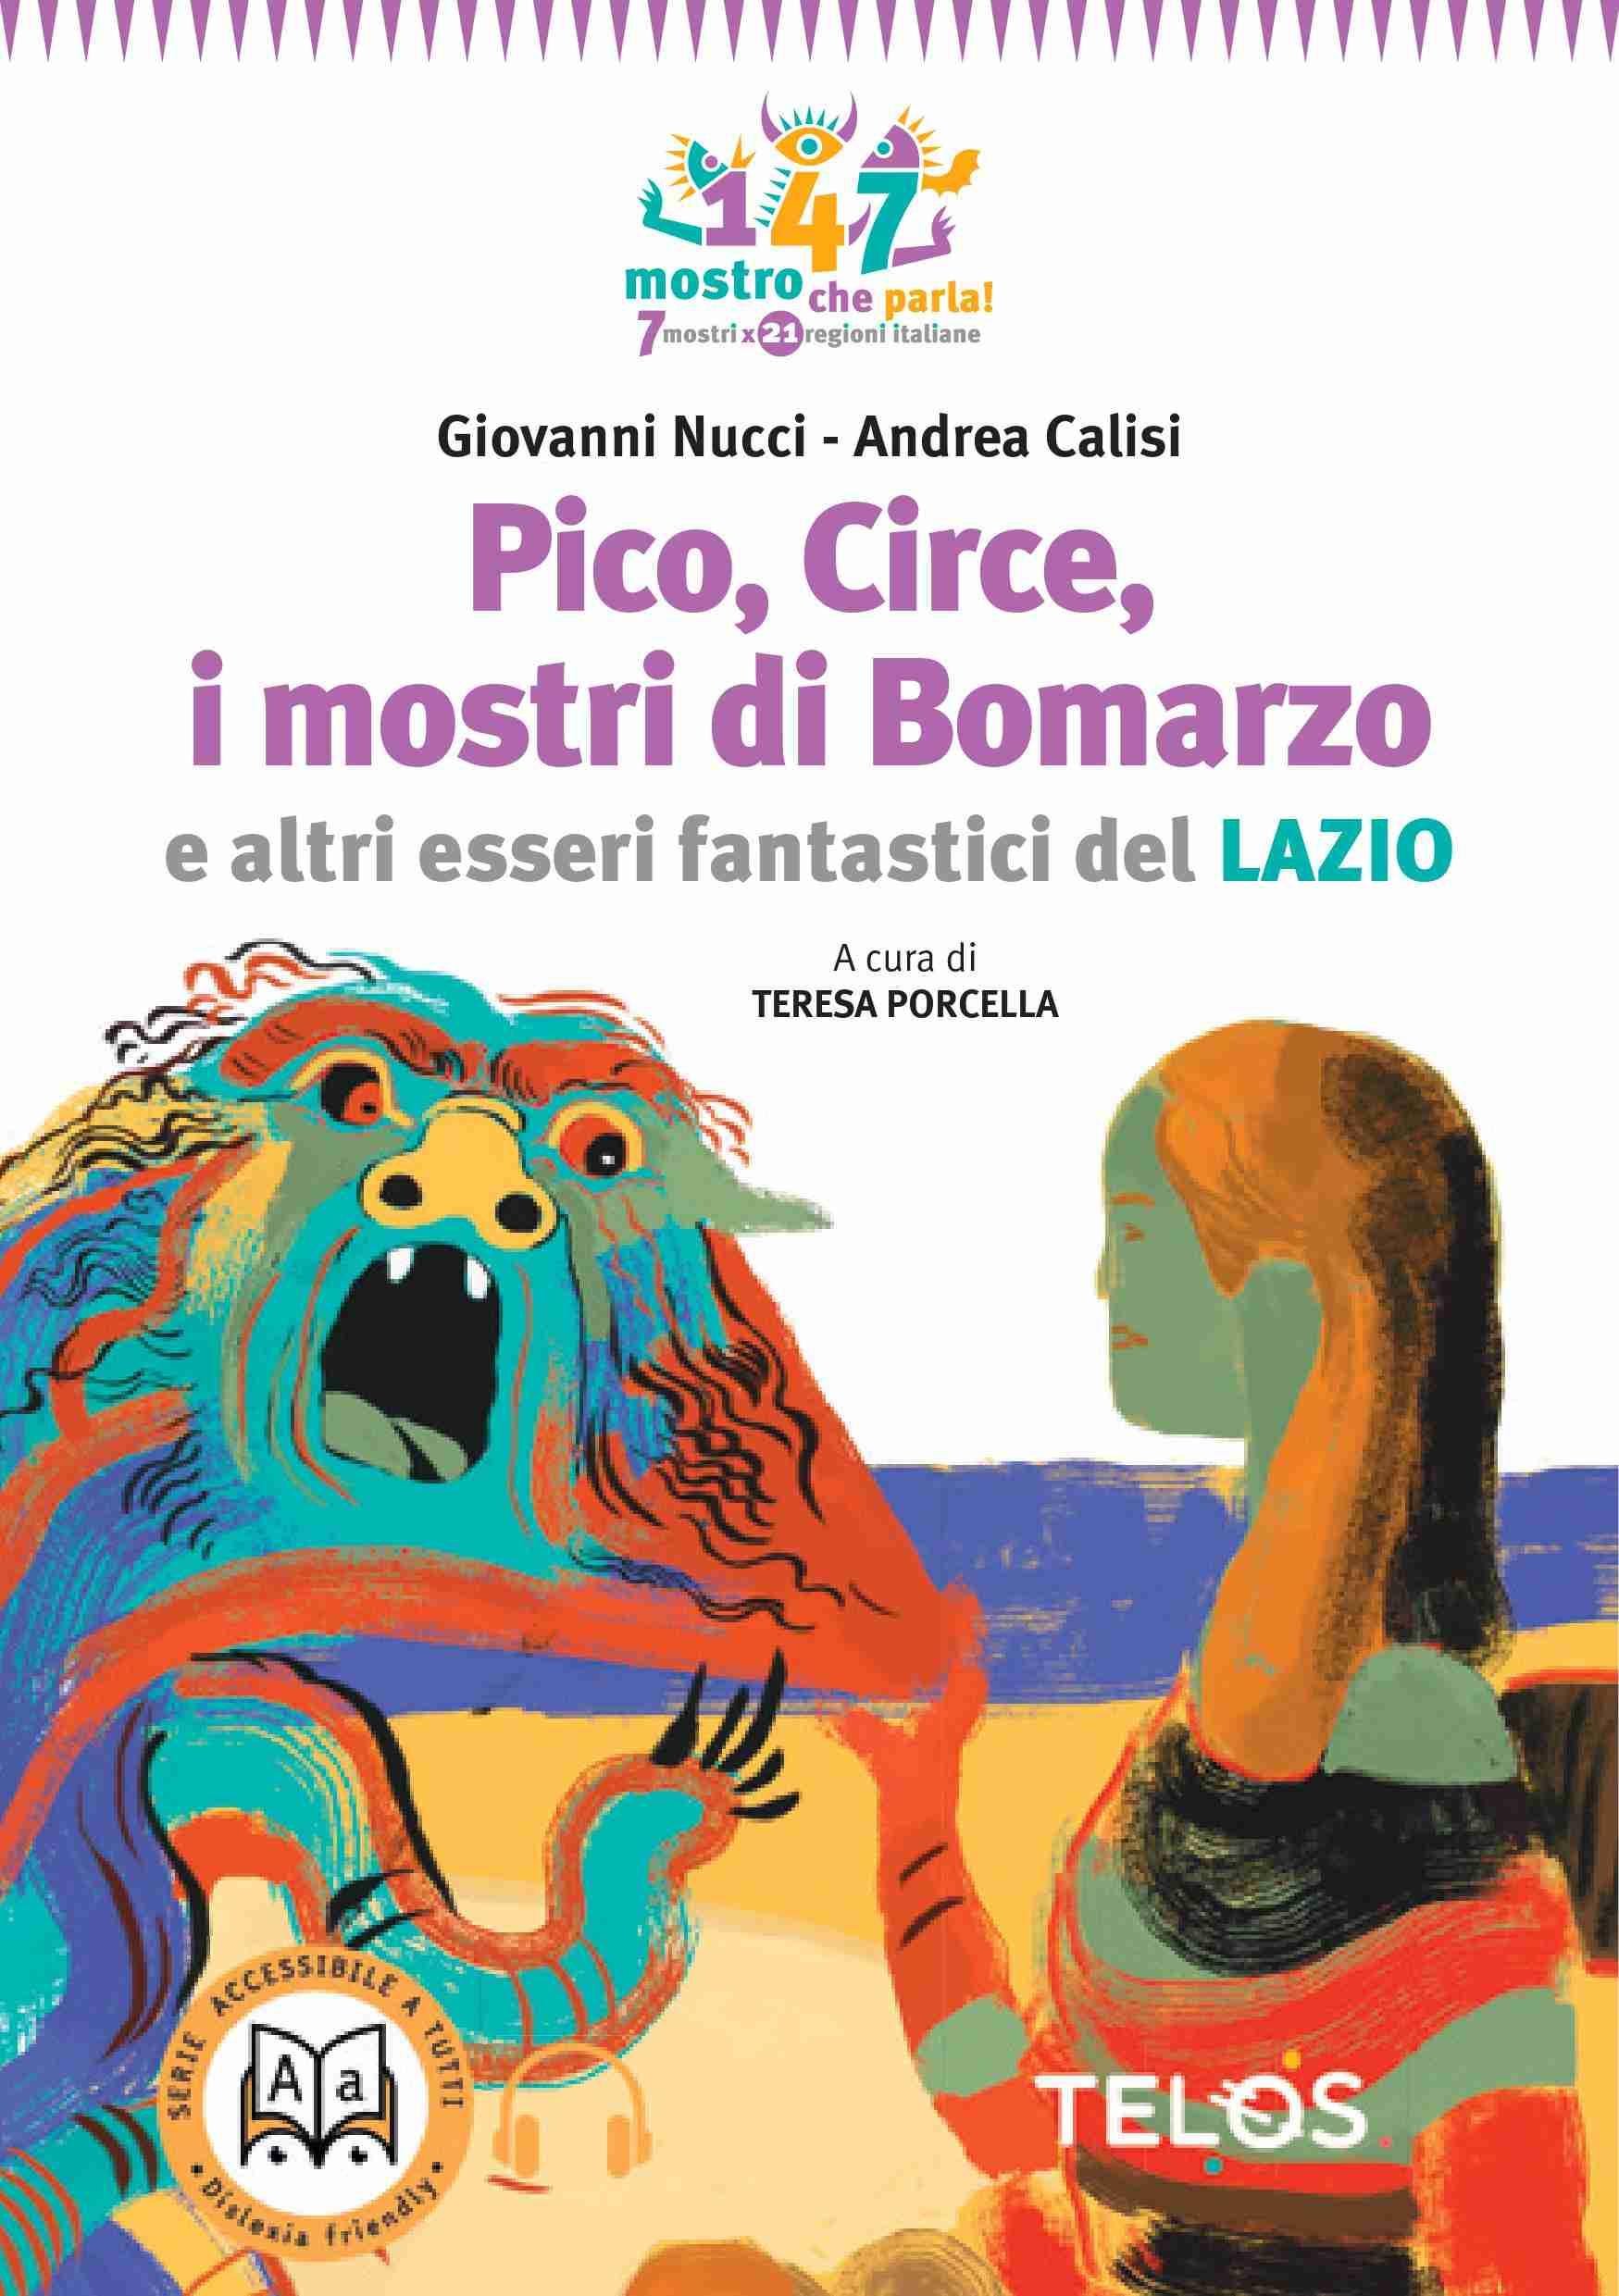 PICO, CIRCE, I MOSTRI DI BOMARZO e altri esseri fantastici del Lazio di Giovanni Nucci e Andrea Calisi, TELOS EDIZIONI